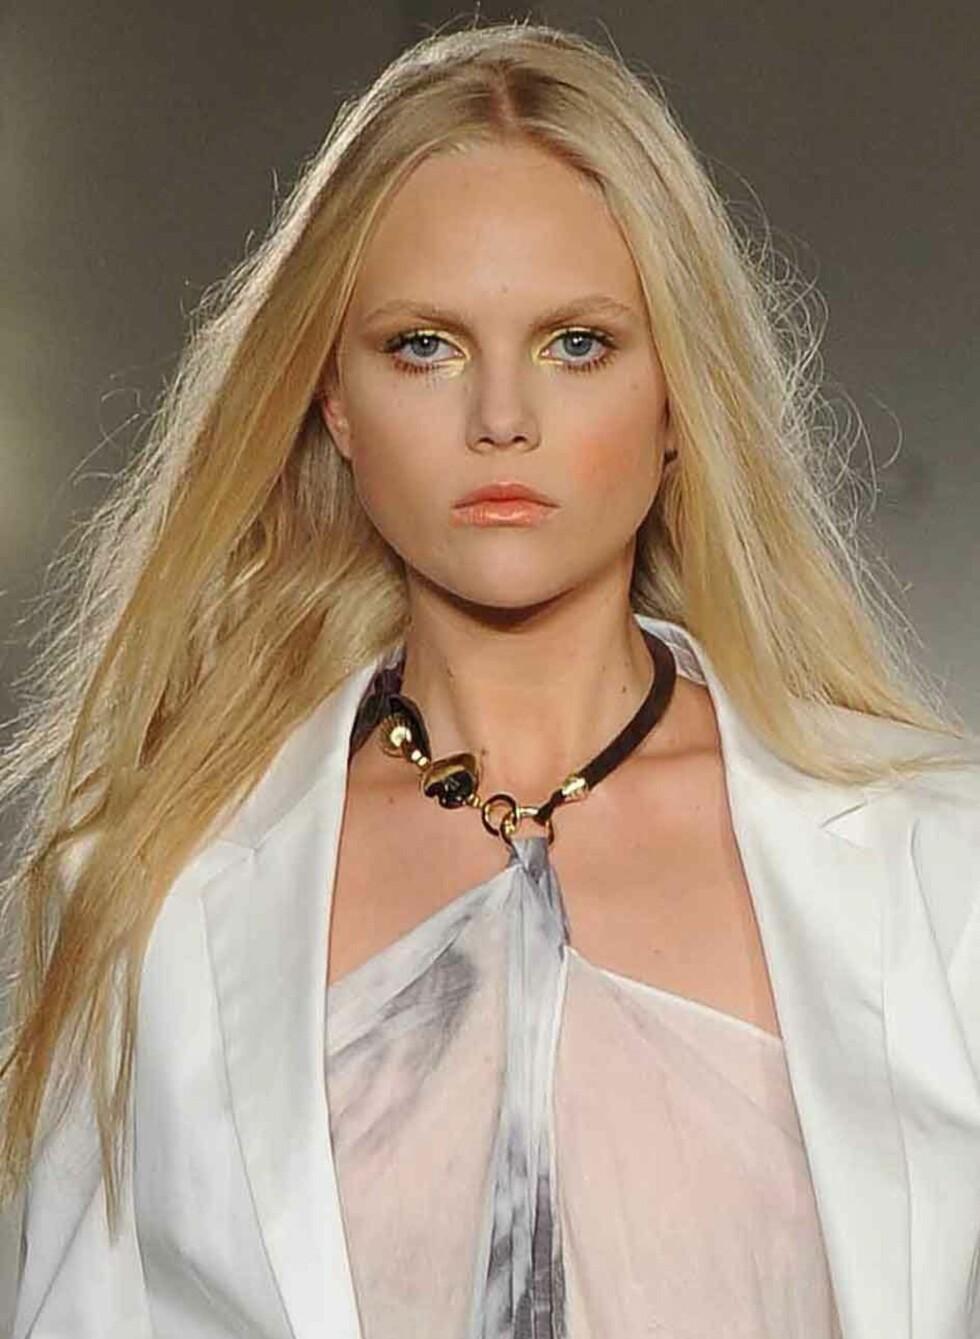 Blondt hår fikk flagre fritt på Massimo Rebecchi-visningen i Milano. Foto: All Over Press